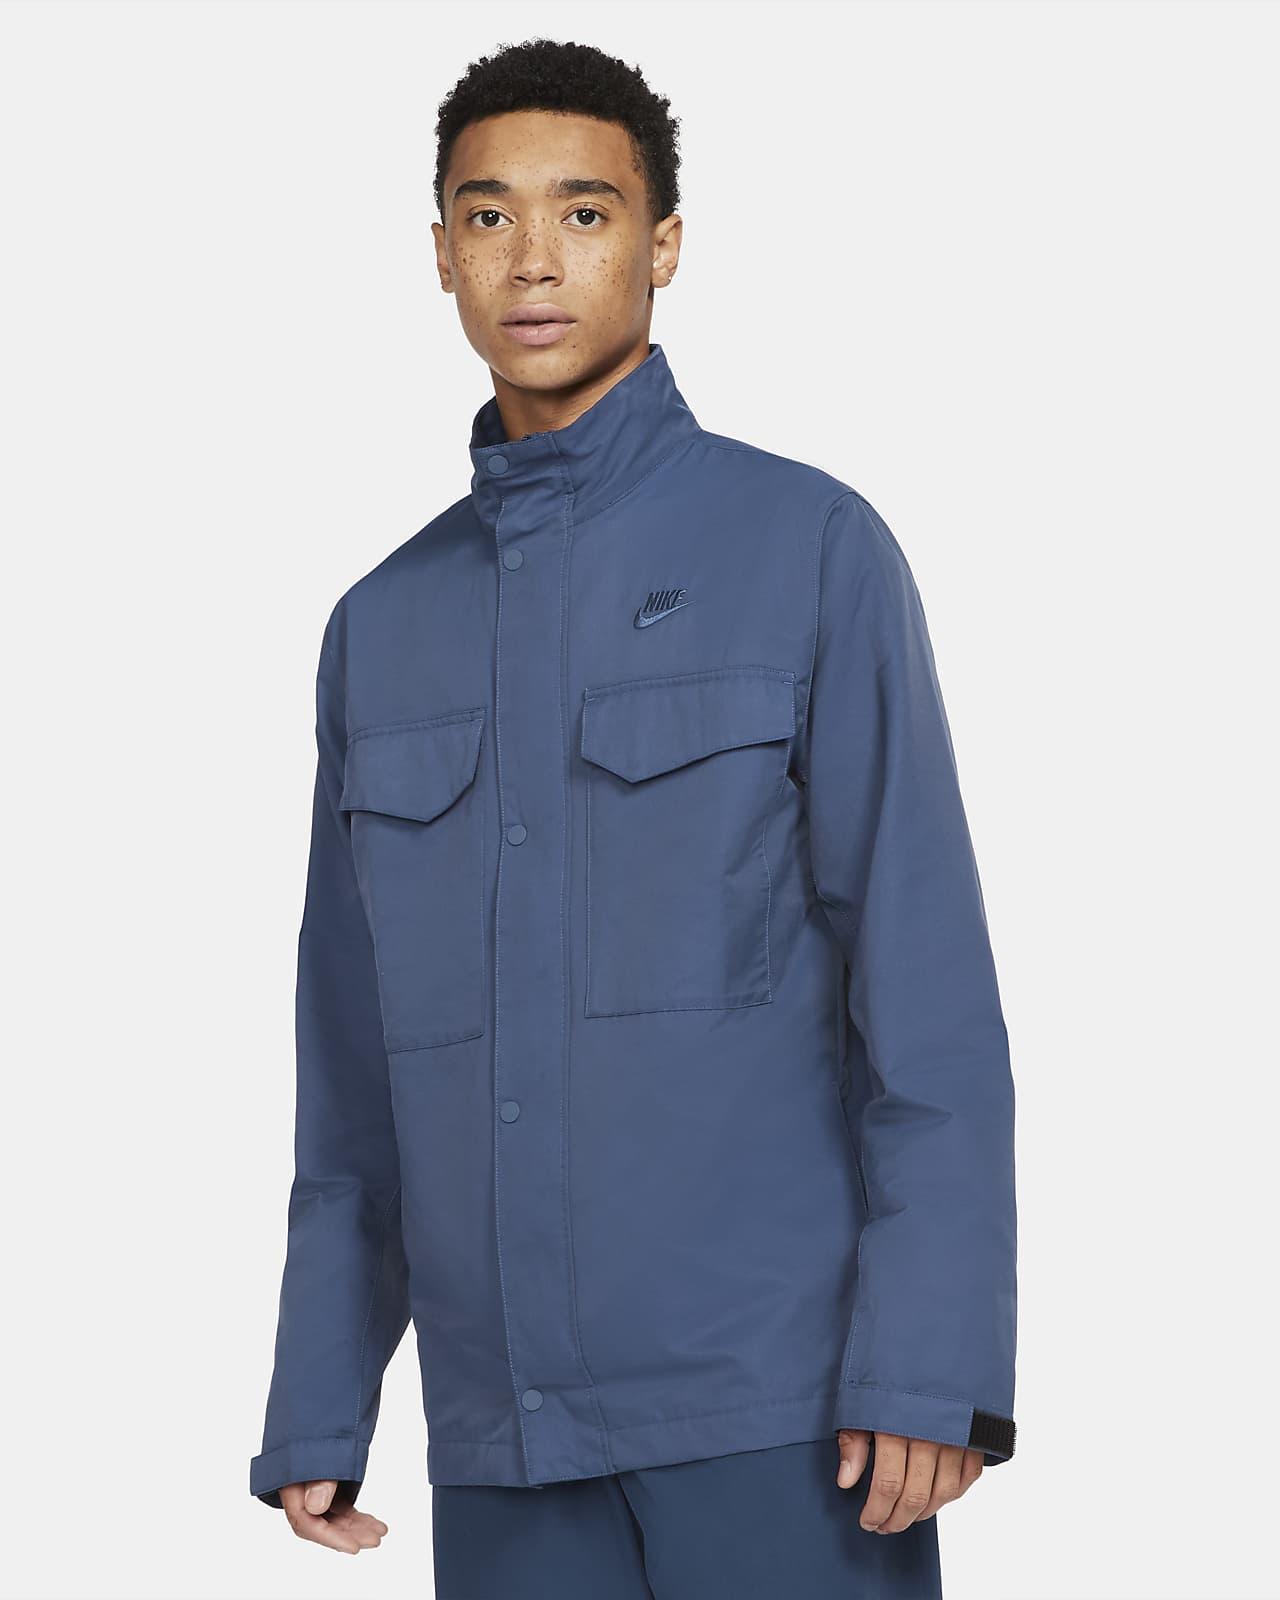 Nike Sportswear Men's Woven M65 Jacket